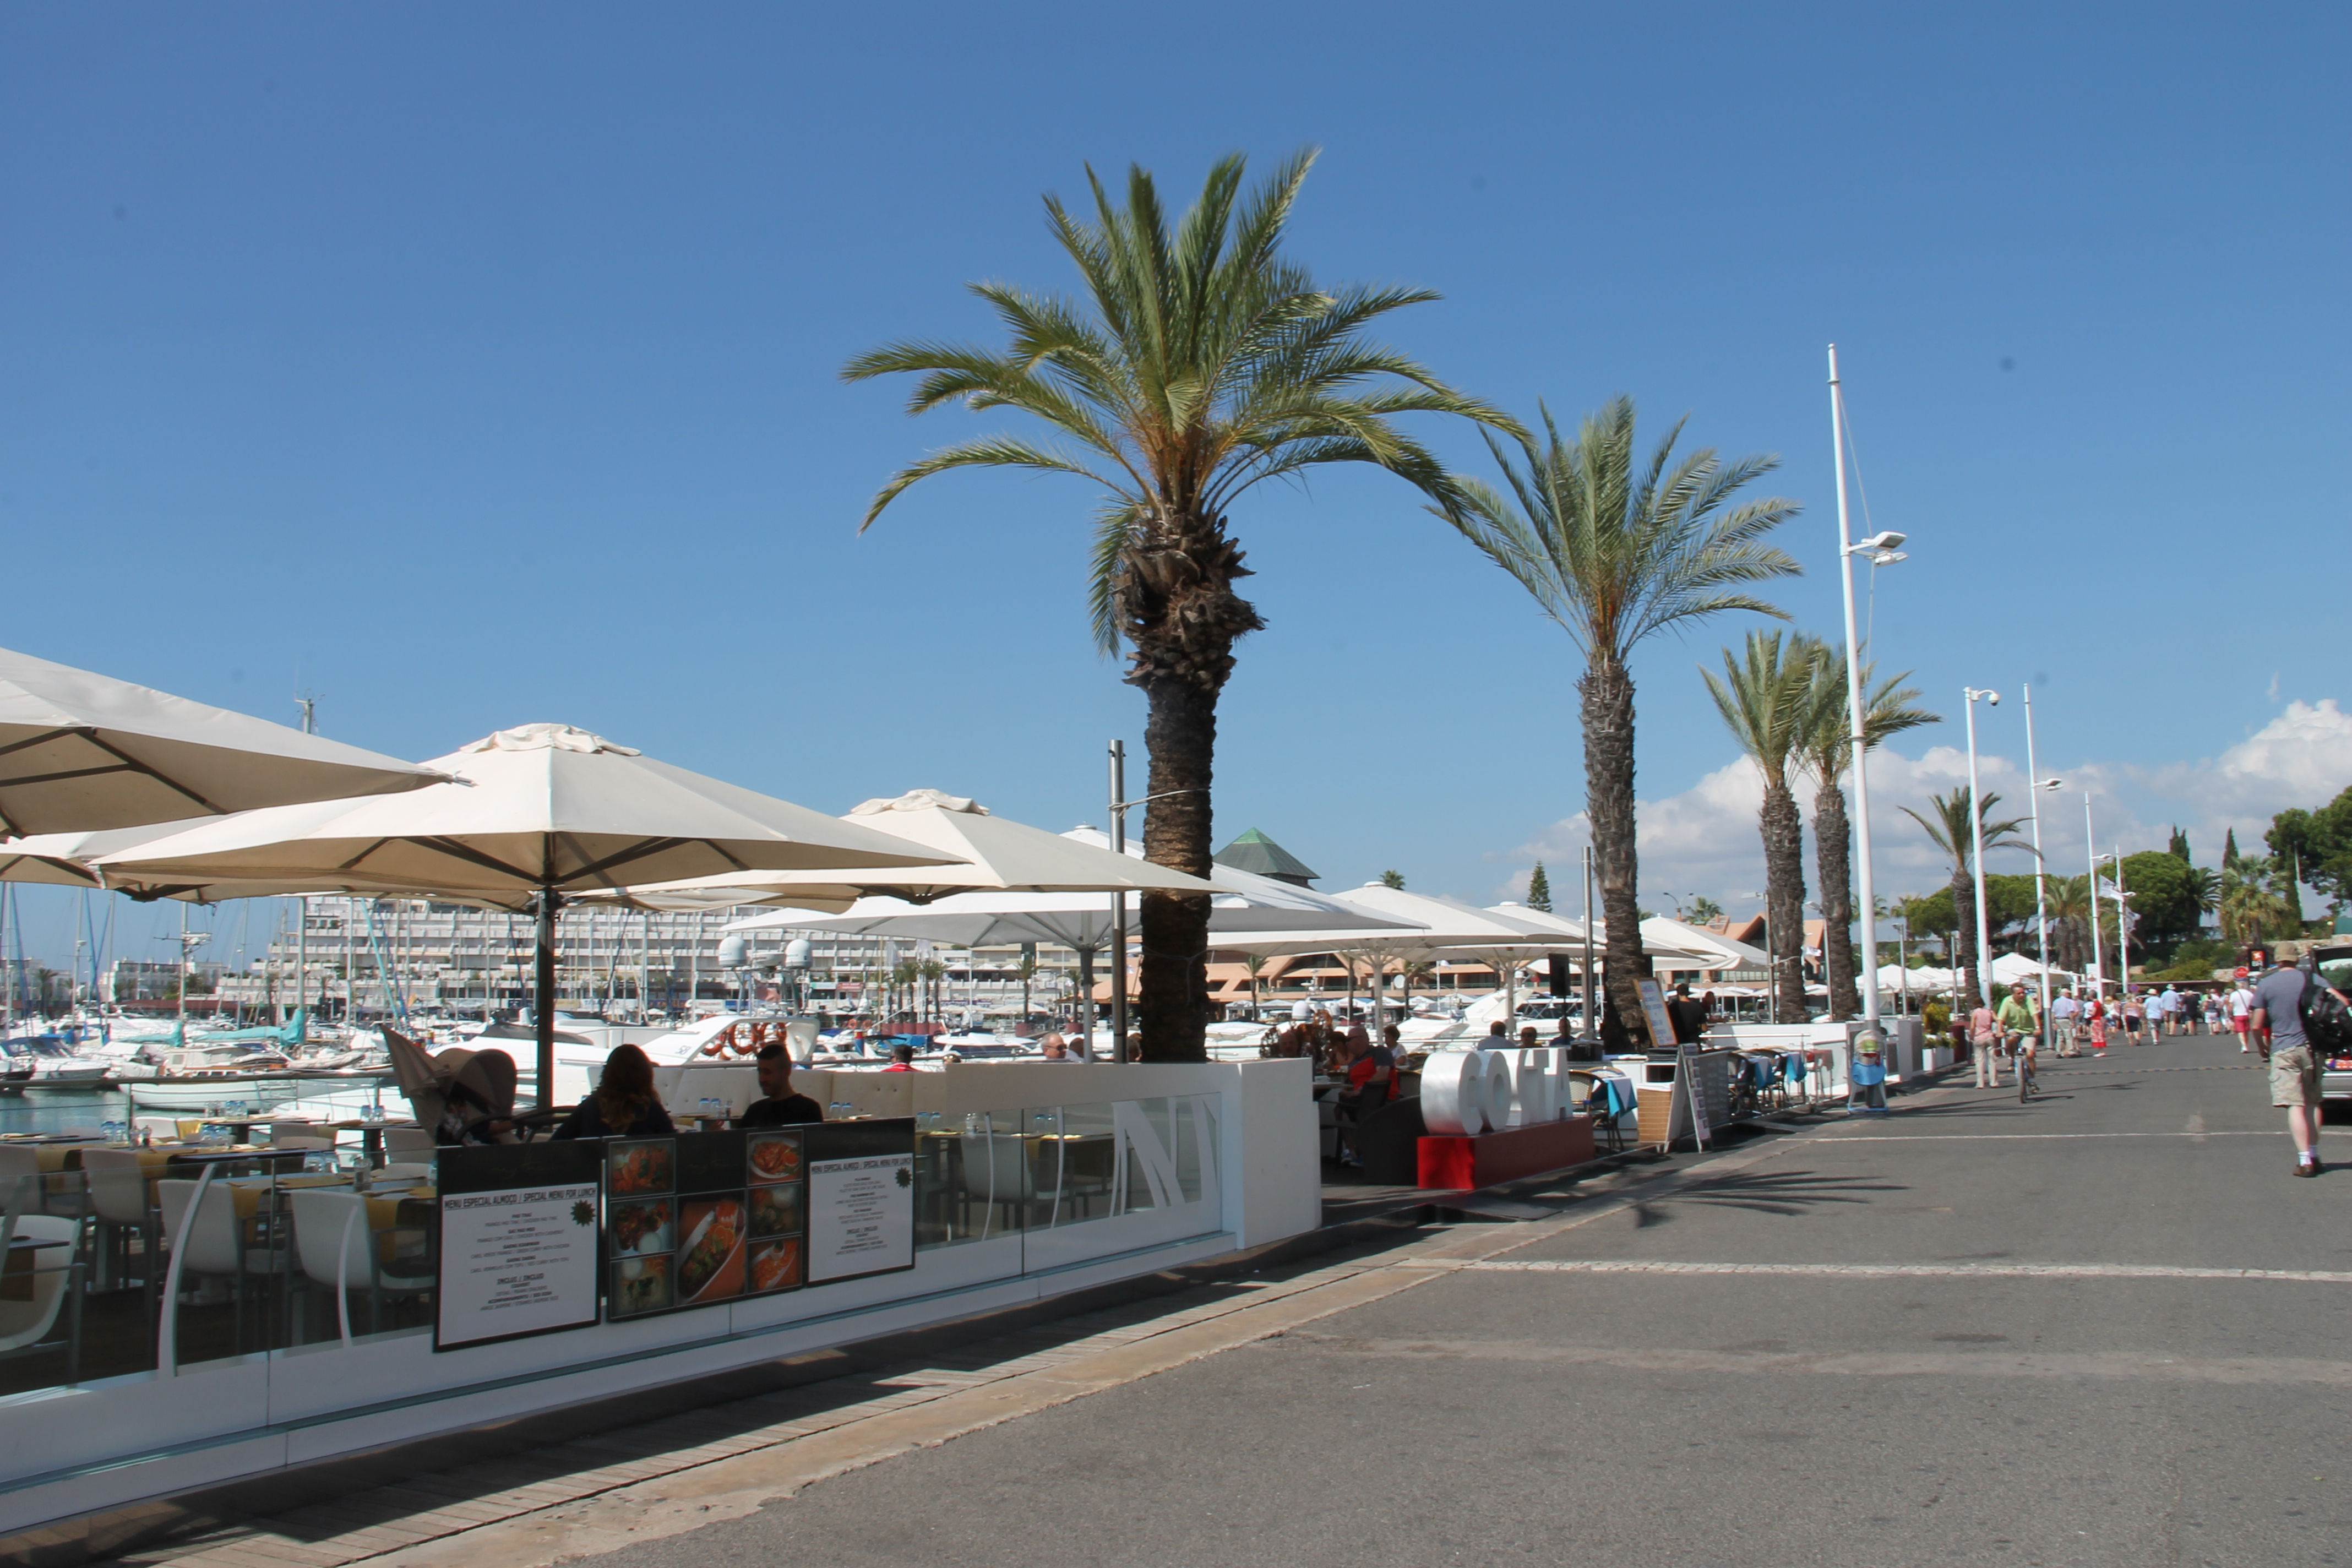 #3B669022213636 Vilamoura Vakantie Algarve Portugal Img 8207.jpg Meest effectief Luxe Vakantie Portugal 3705 behang 427228483705 afbeeldingen